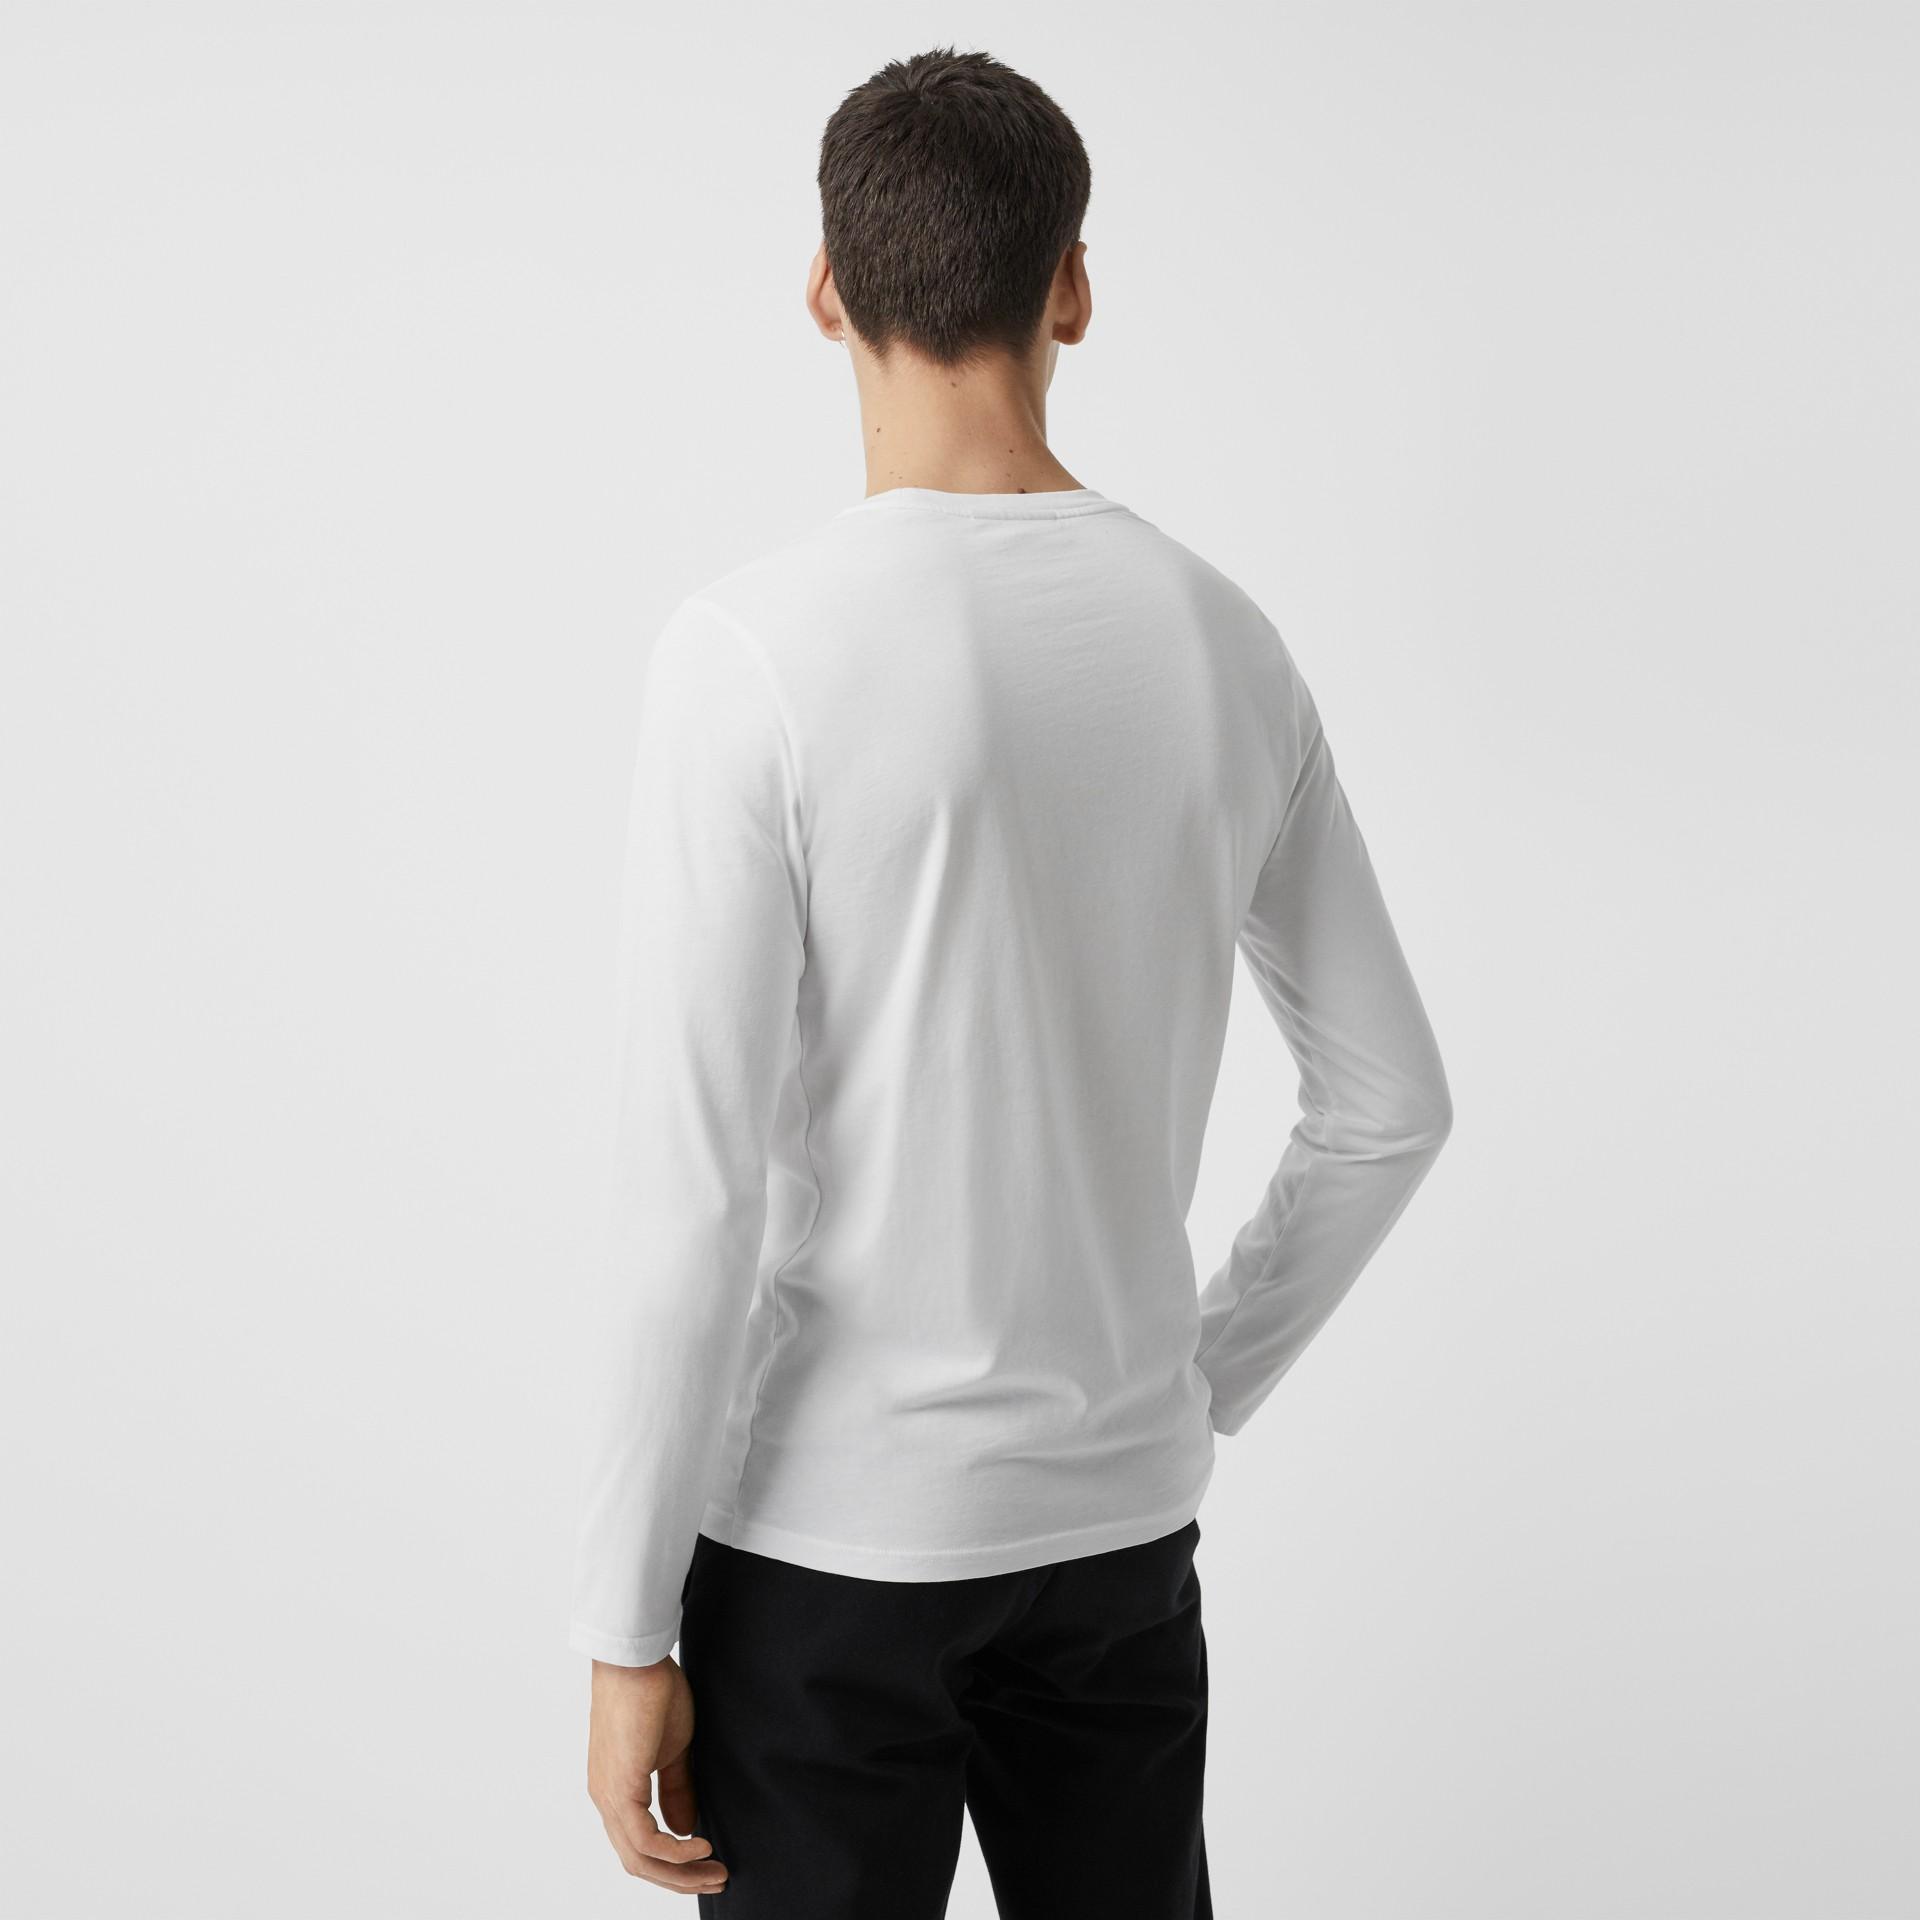 Футболка с вышитым логотипом (Белый) - Для мужчин | Burberry - изображение 2